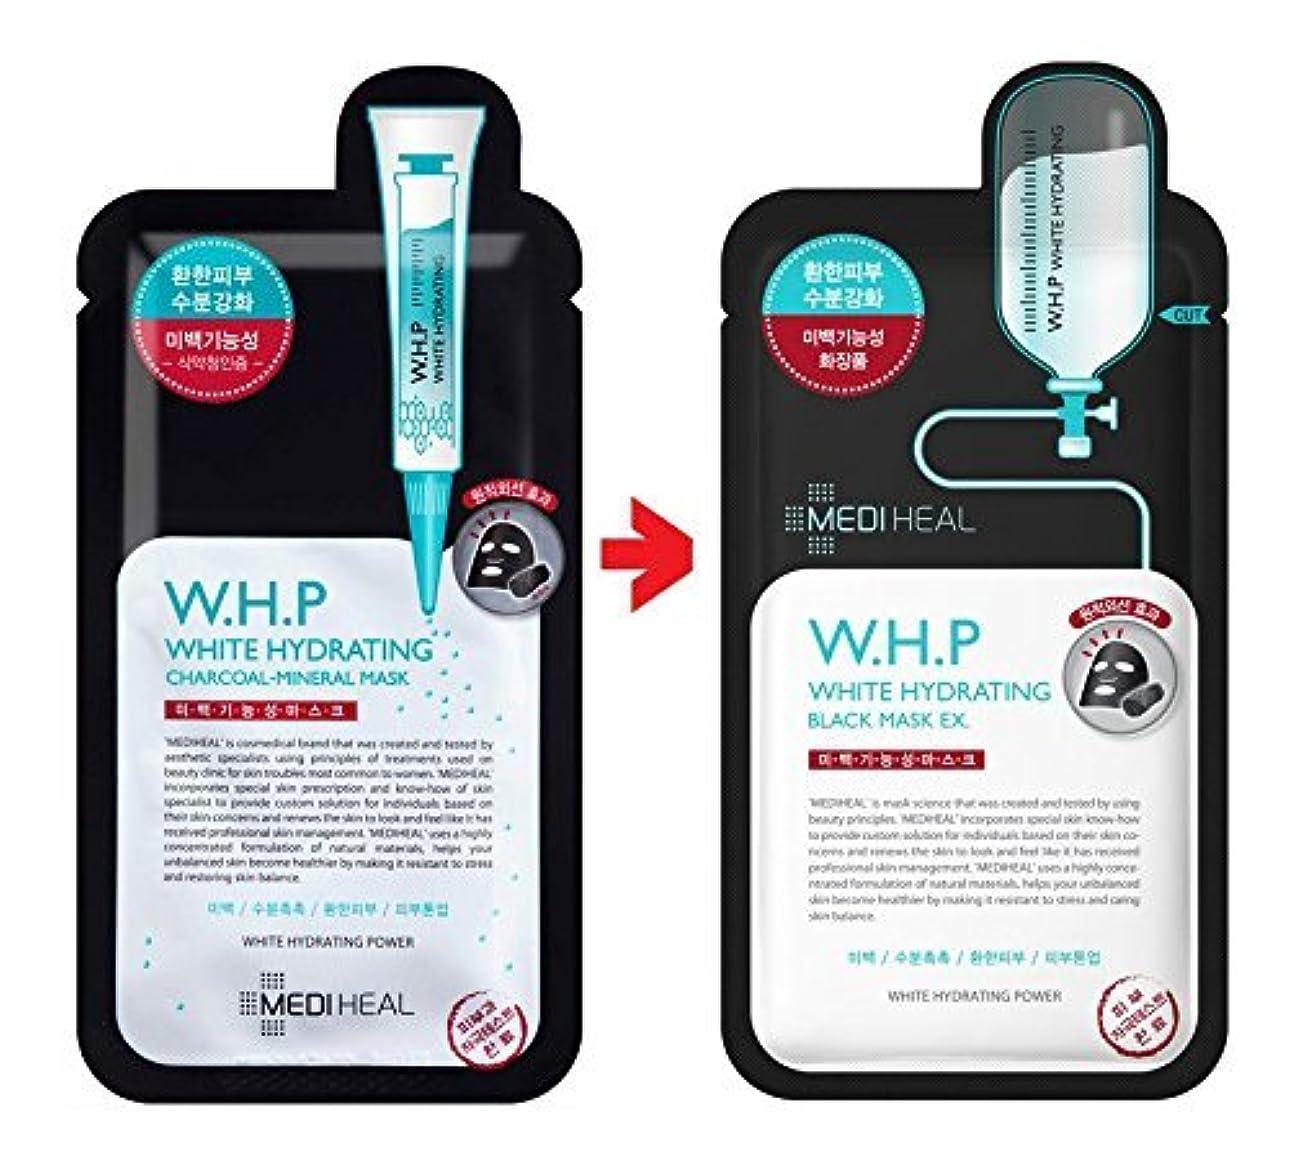 ギャップ消費する先祖[MEDIHEAL] メディヒール W.H.P 美白水分 ミネラル 炭 マスクパック 25mlx10枚 [W.H.P White Hydrating Charcoal Mineral Mask EX. Pack of 10] [韓国直配送] [並行輸入品]